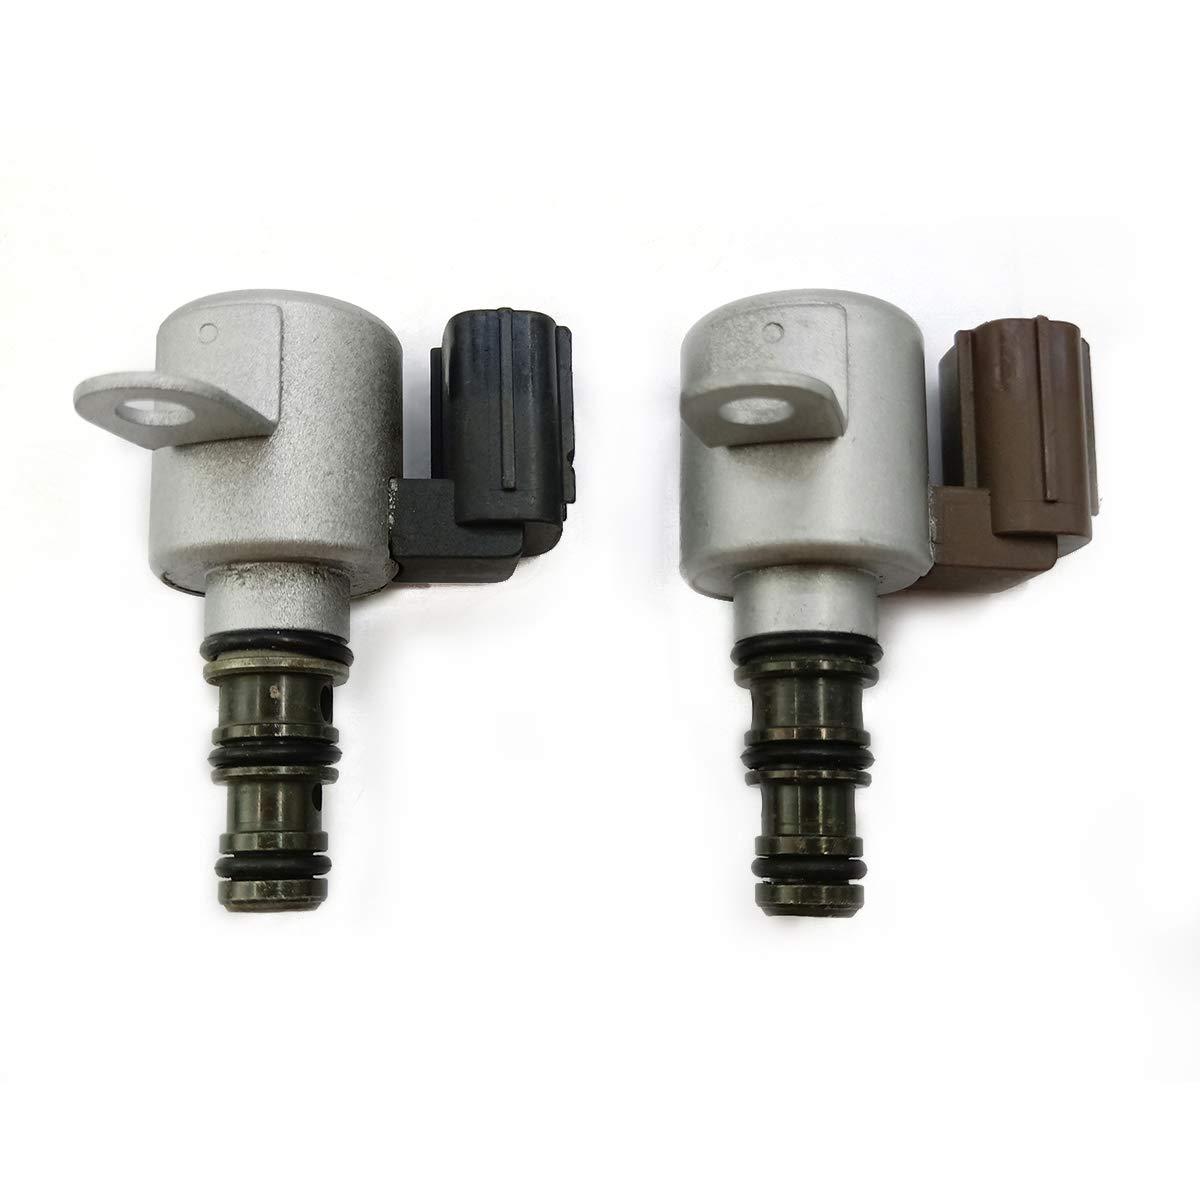 Amhousejoy Transmission Shift Solenoid Kit Fits 1998-2007 Honda Acura B/&C Brown /& Black 28400-P6H-003 28400-P6H-013 28500-P6H-003 28500-P6H-013